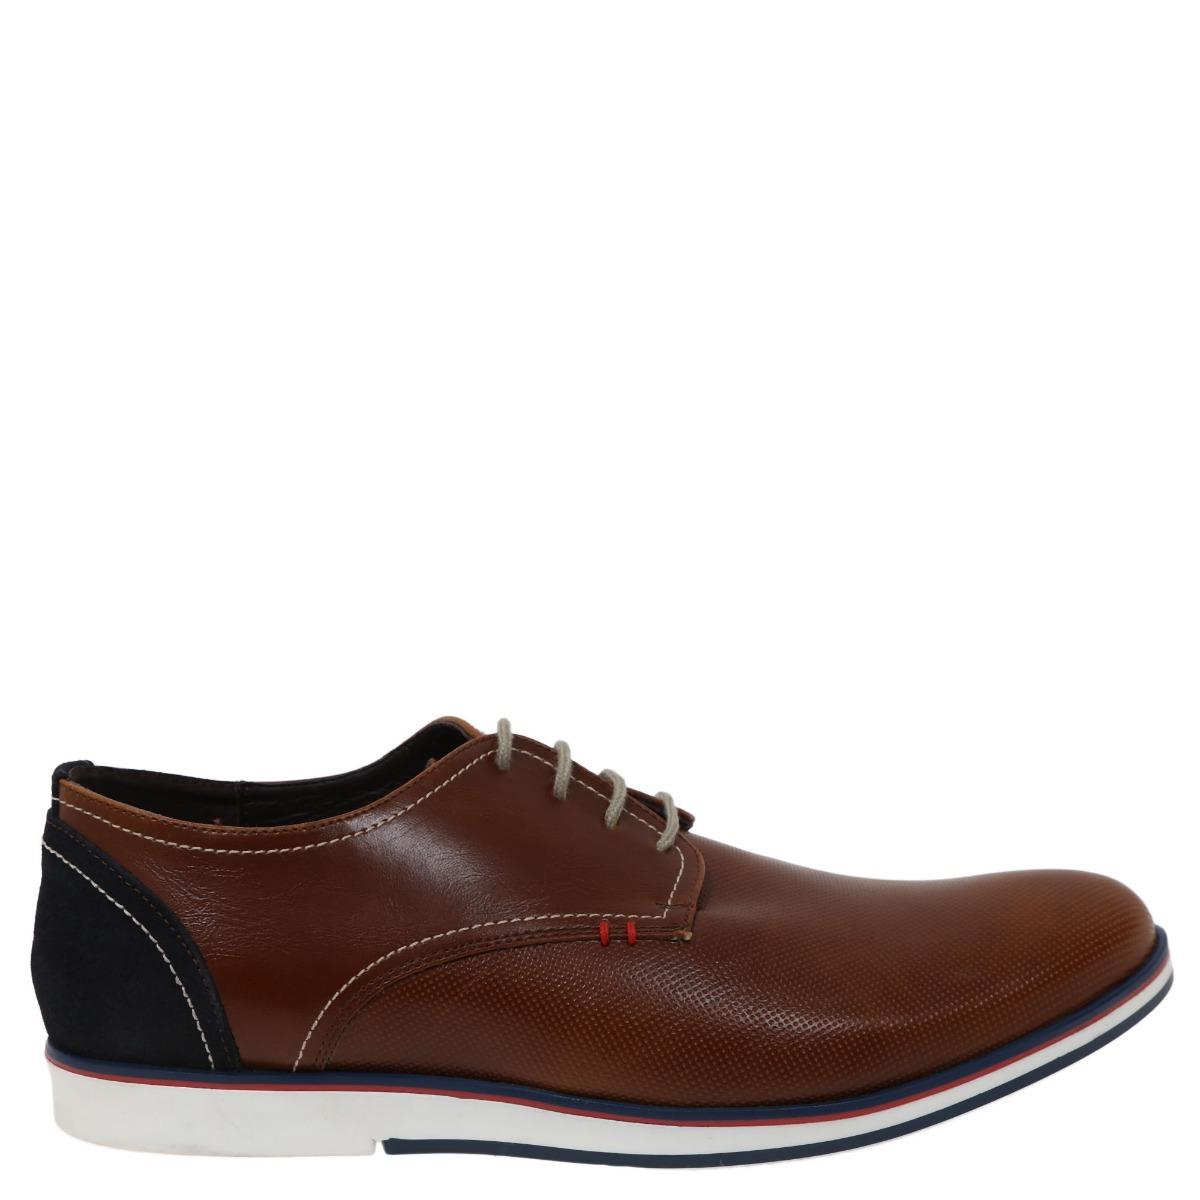 Zapatos Marca Casuales 2174301 Alexa Hombre L54jAR